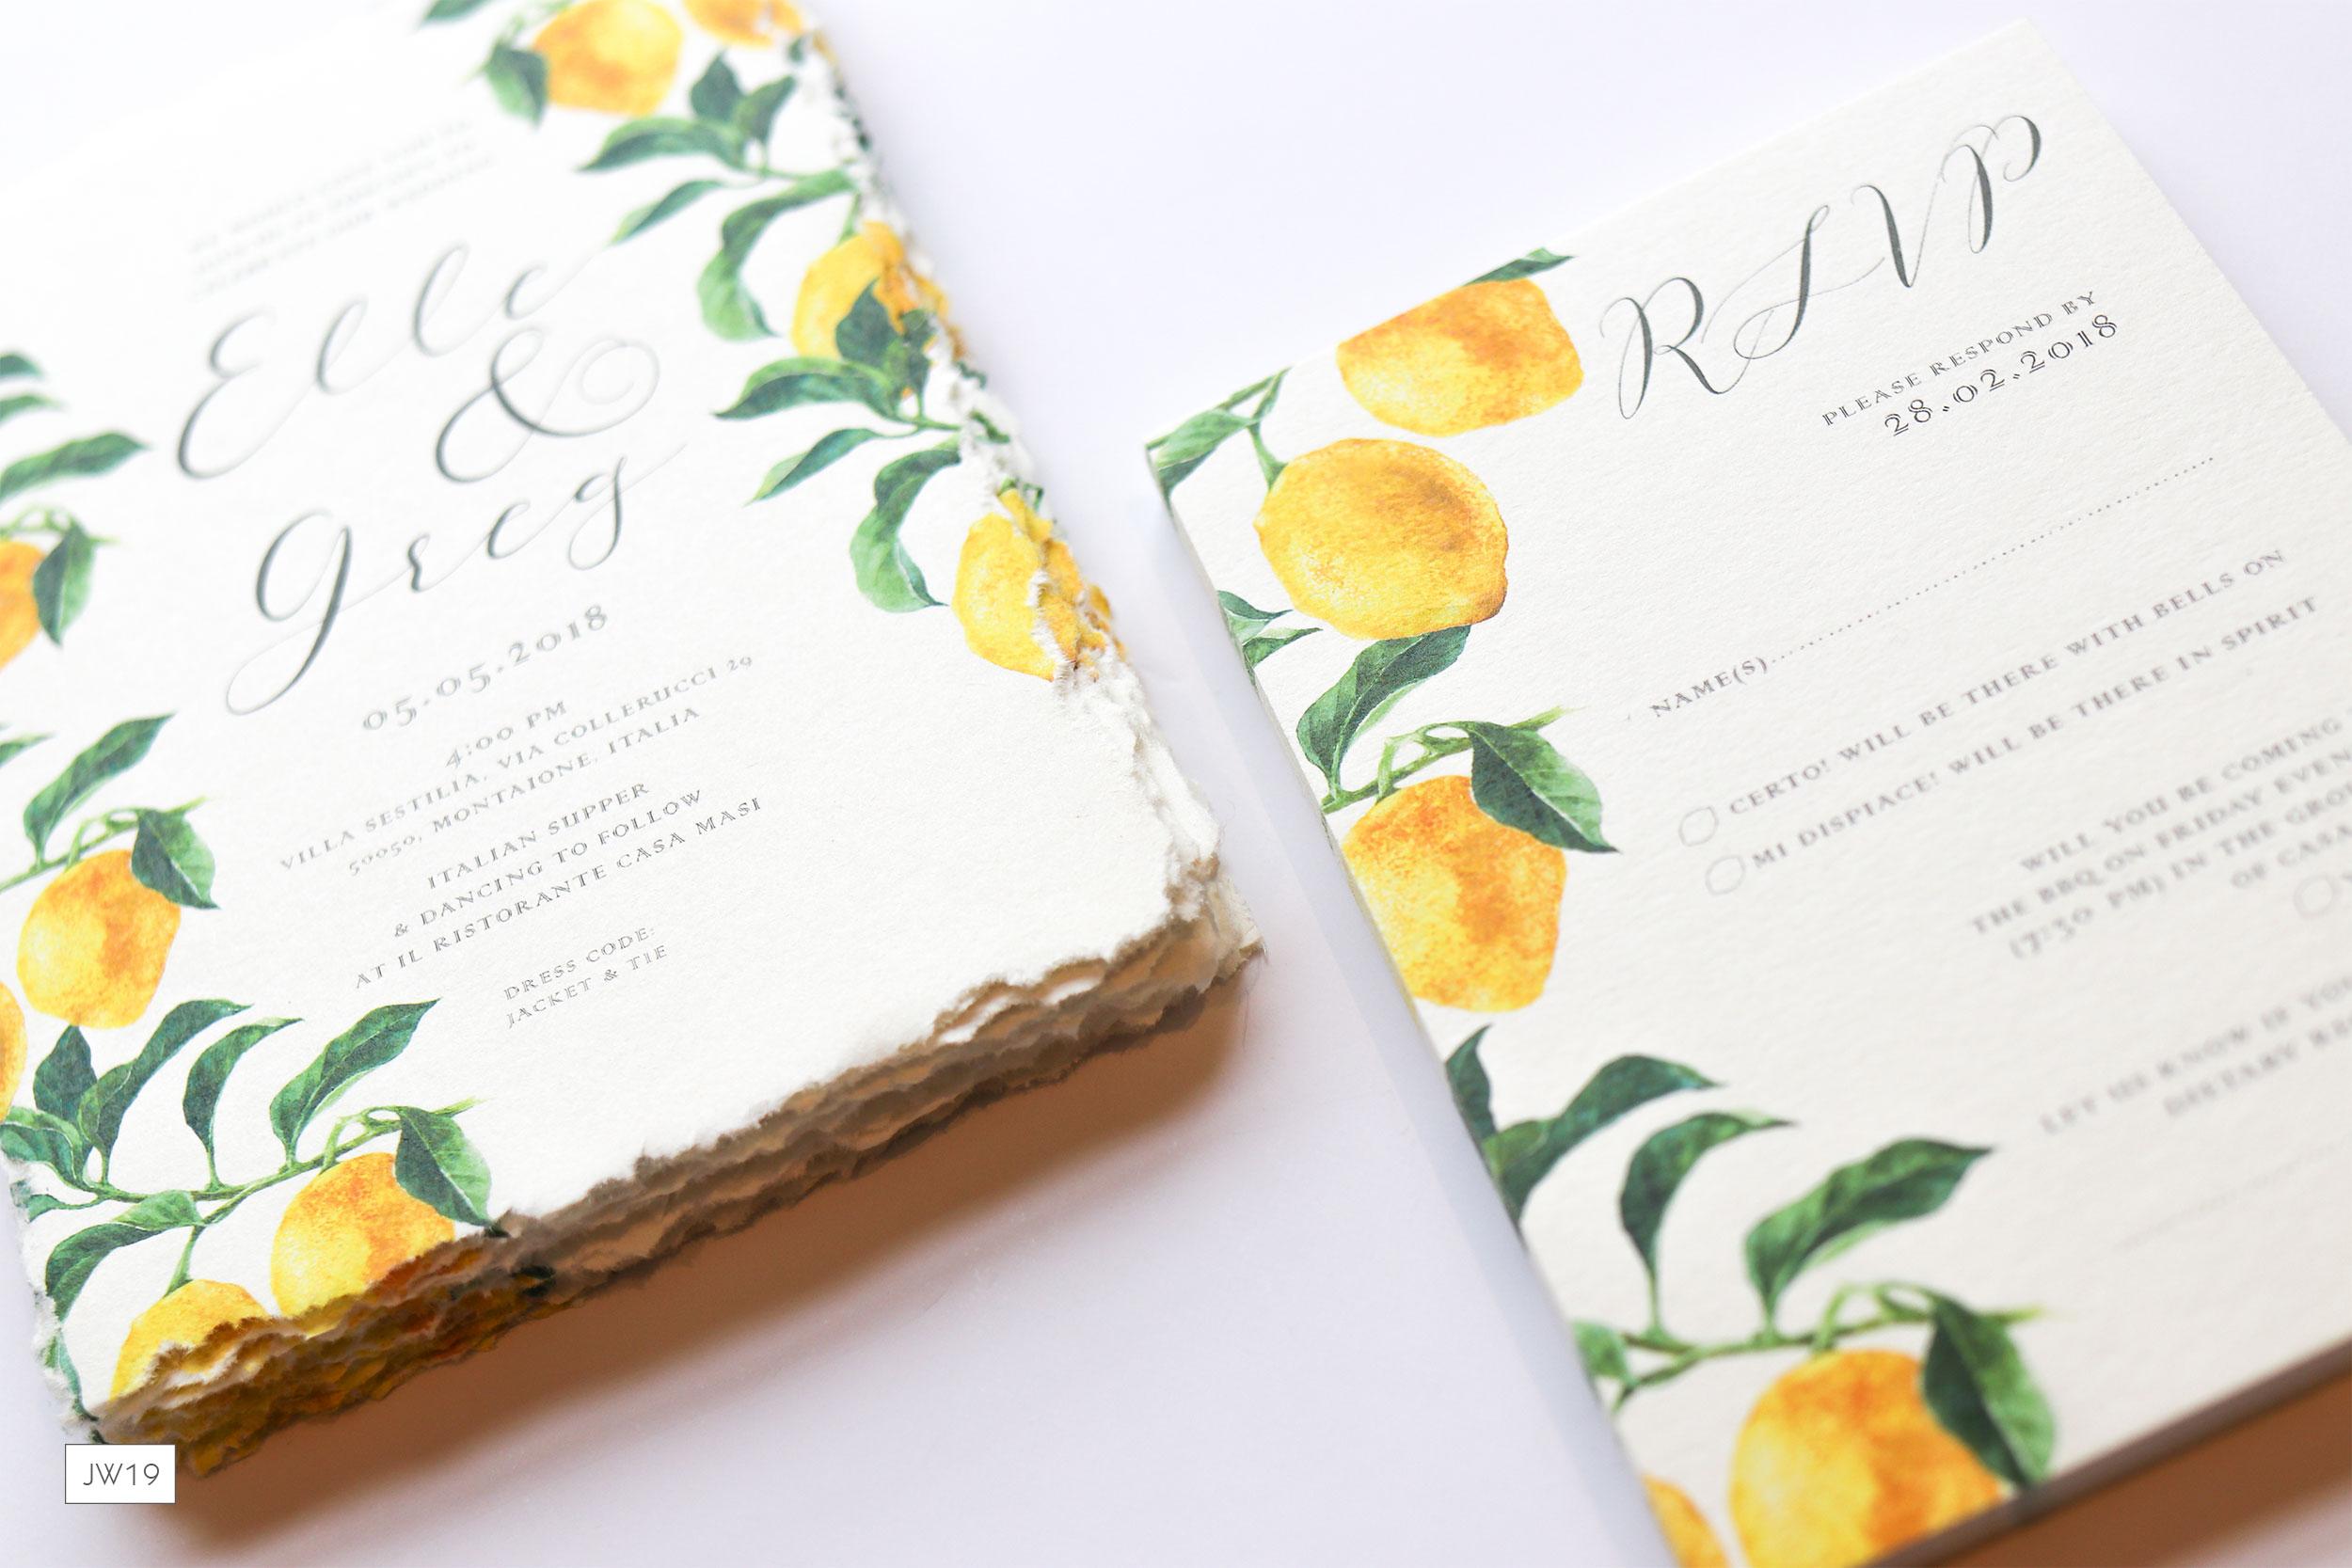 jw19-lemons-rsvp-invitation.jpg